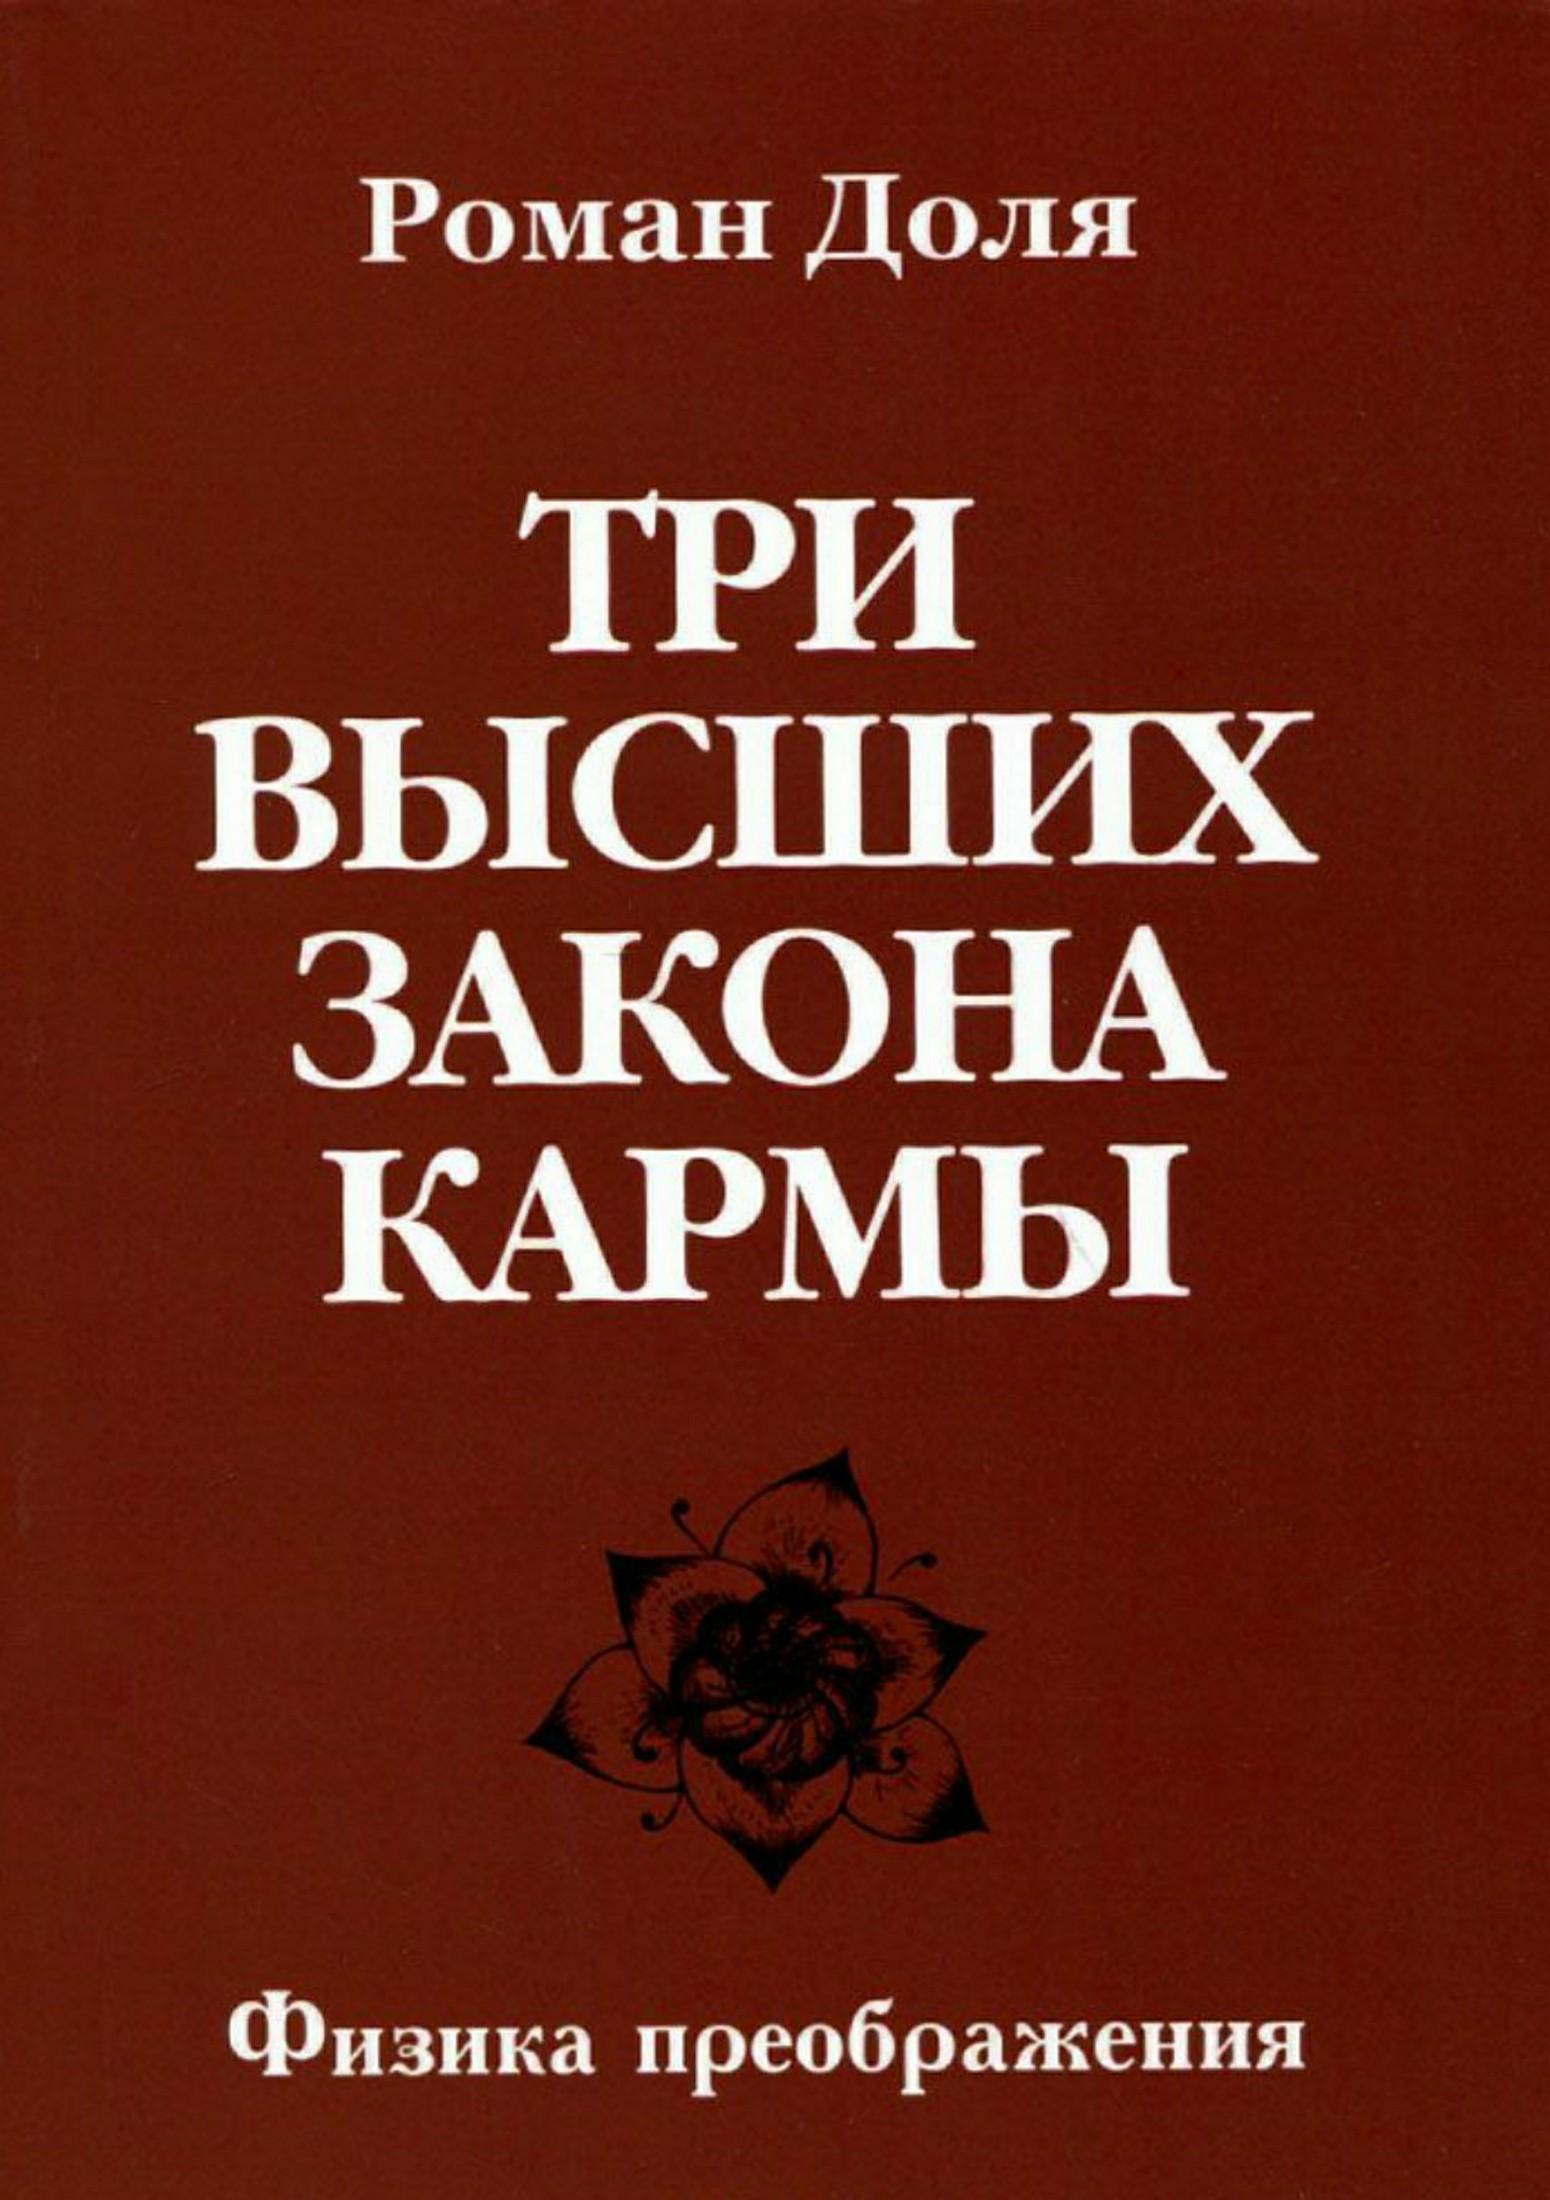 Роман Васильевич Доля Три высших закона кармы доля р три высших закона кармы физика преображения